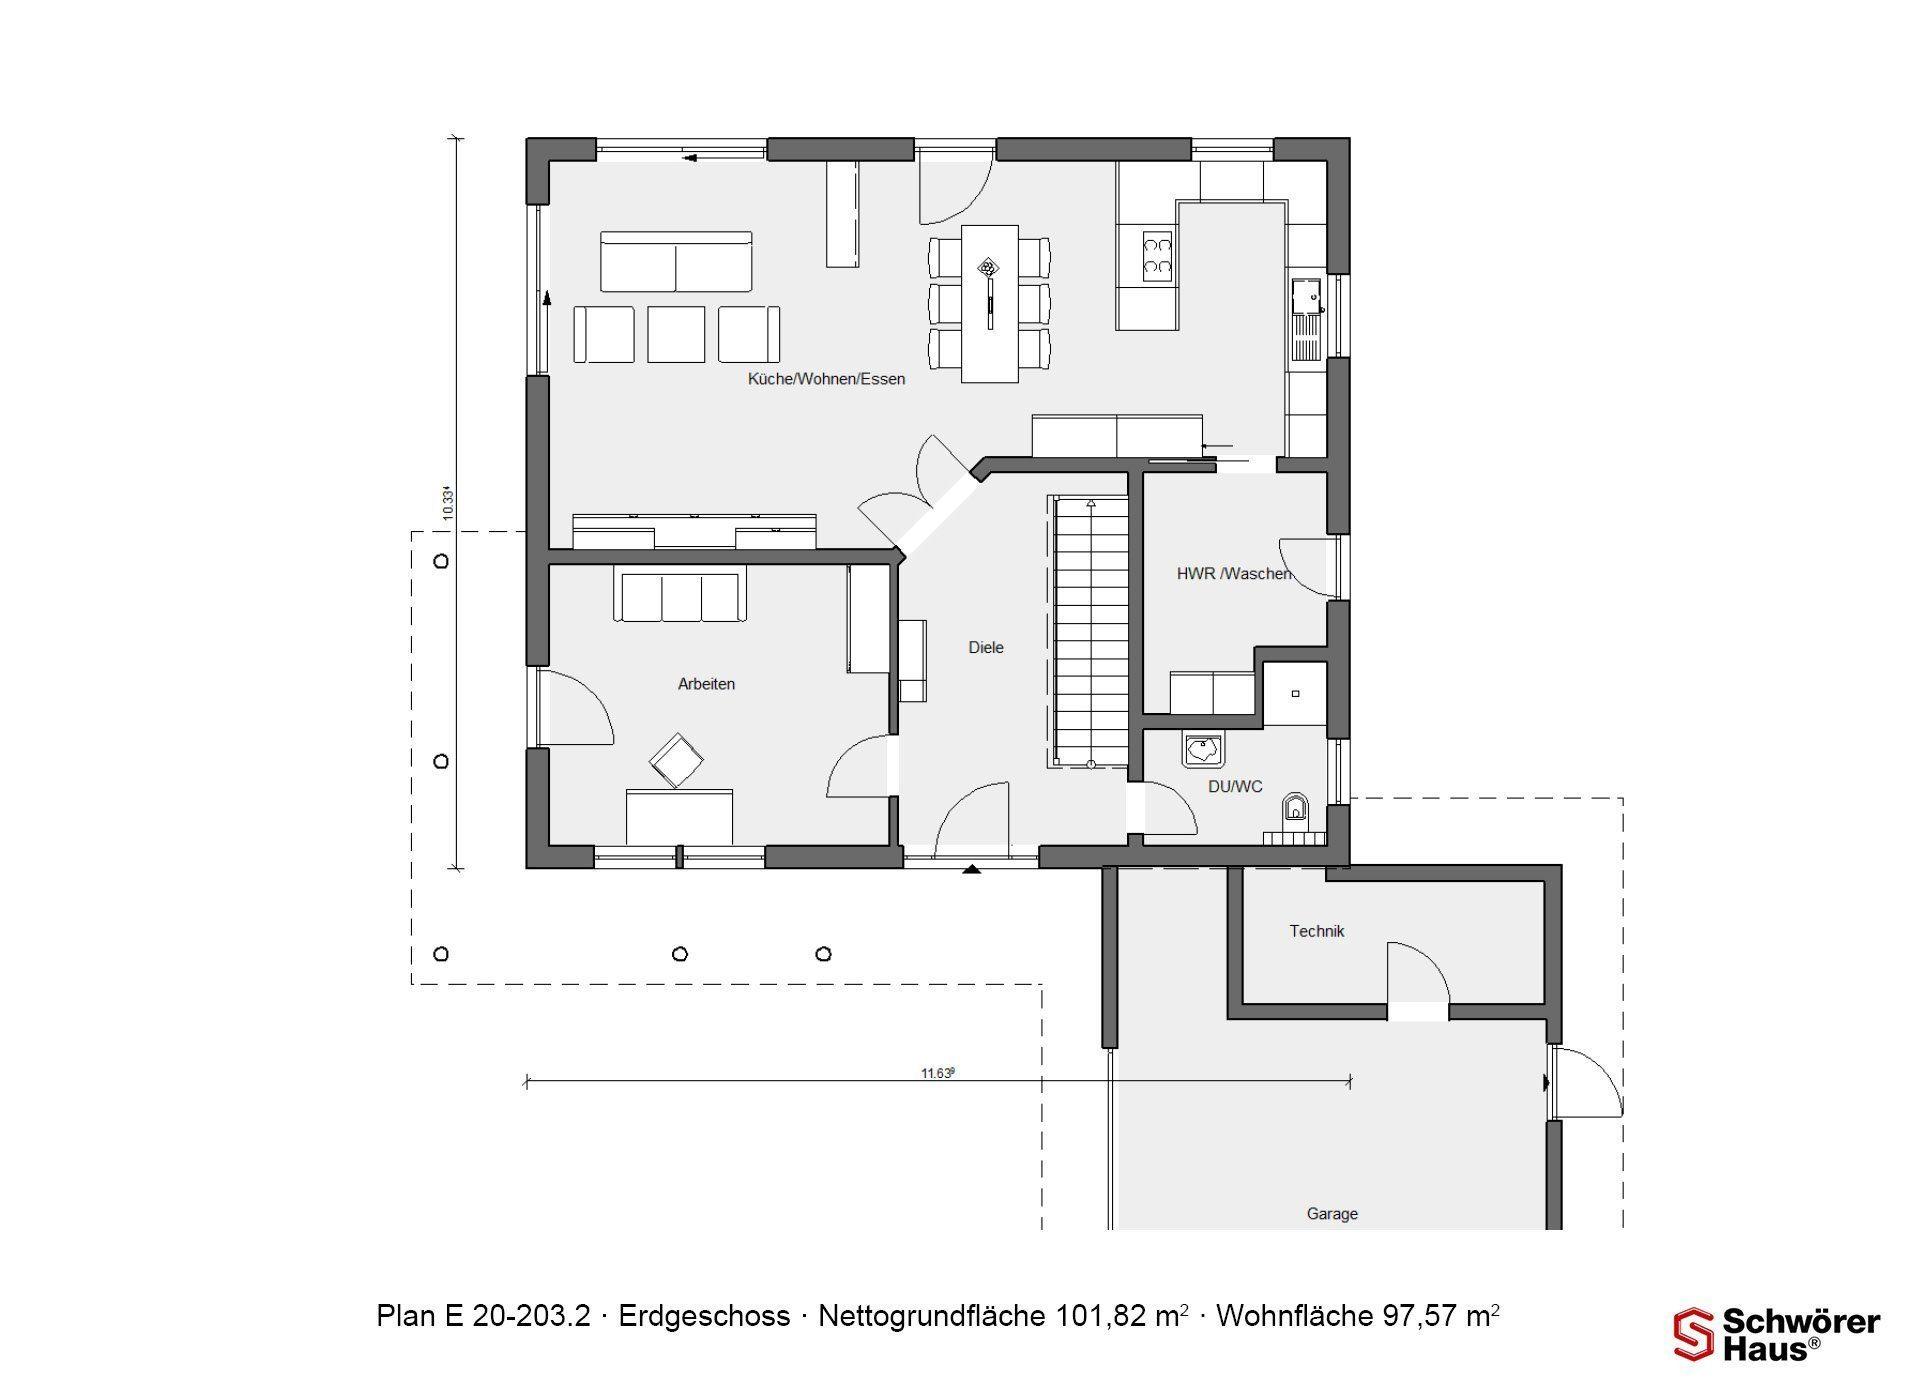 Kundenhaus Mayer-Elicker - Eine Nahaufnahme von einem Logo - Gebäudeplan